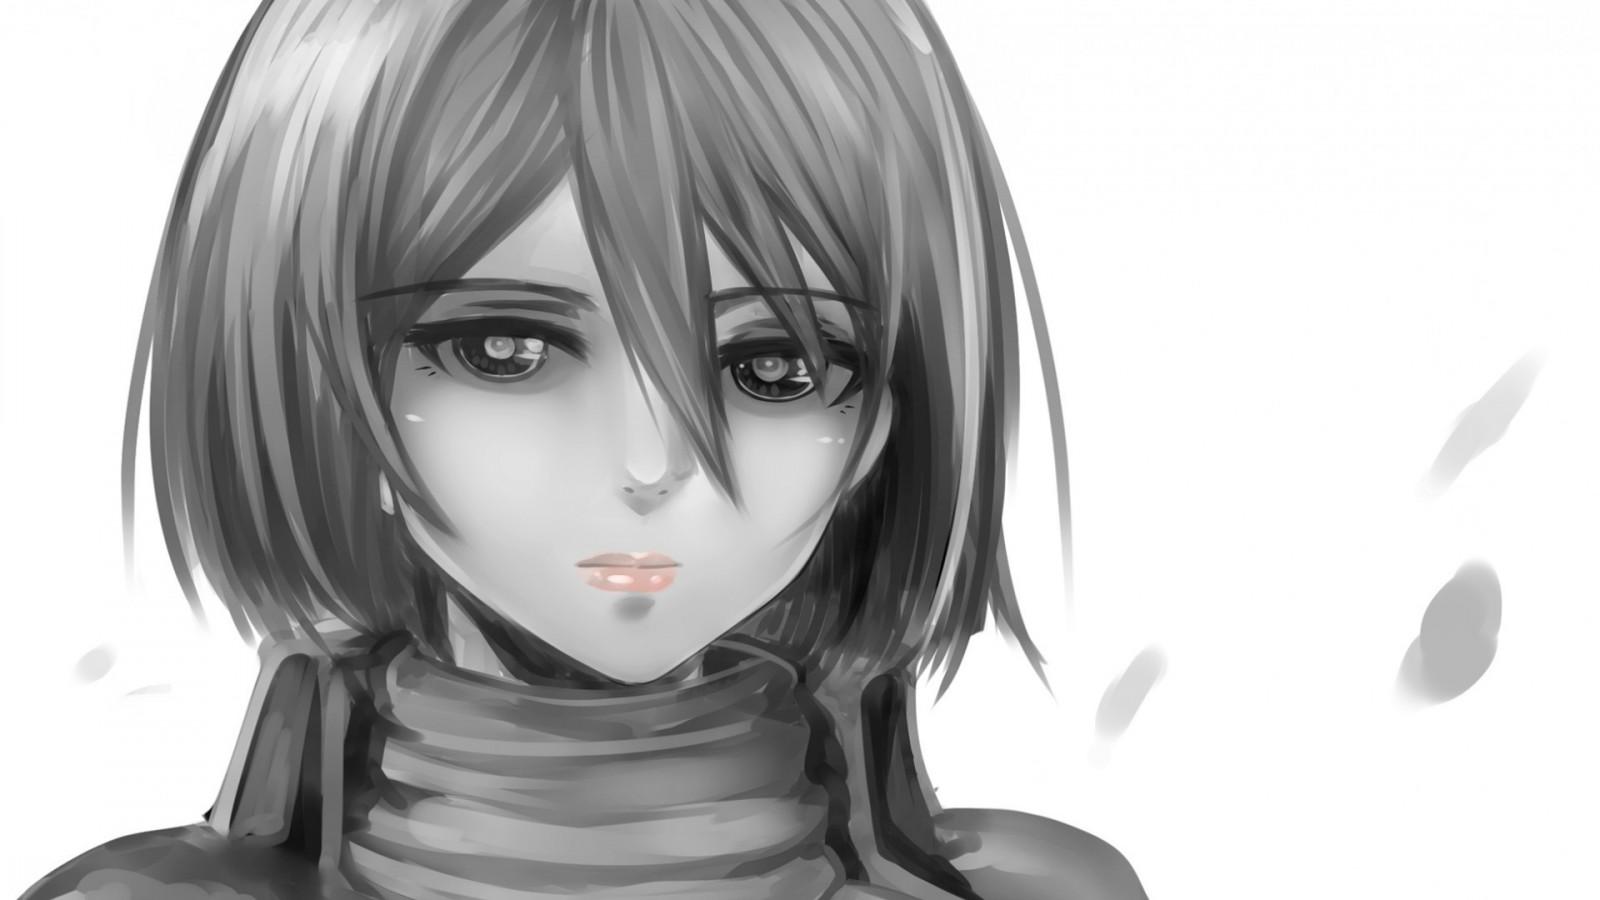 Sfondi disegno illustrazione monocromo anime girls